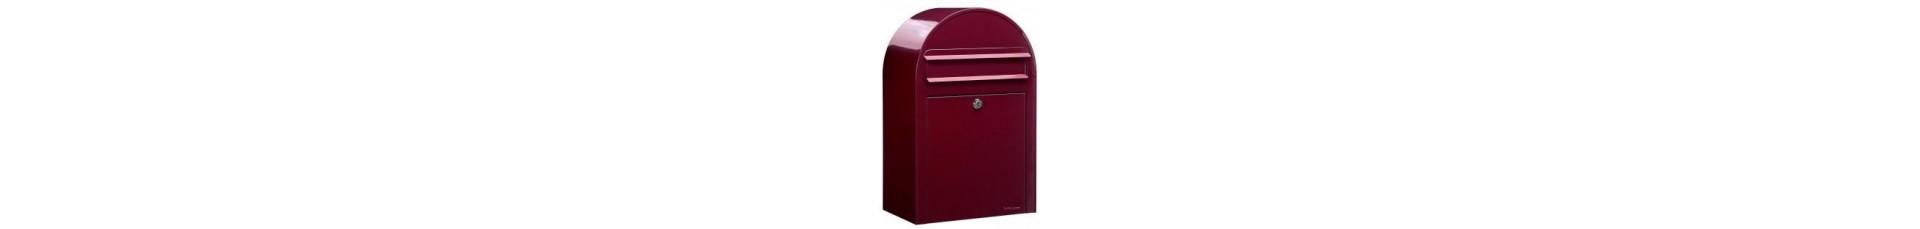 BOBI classic brievenbussen